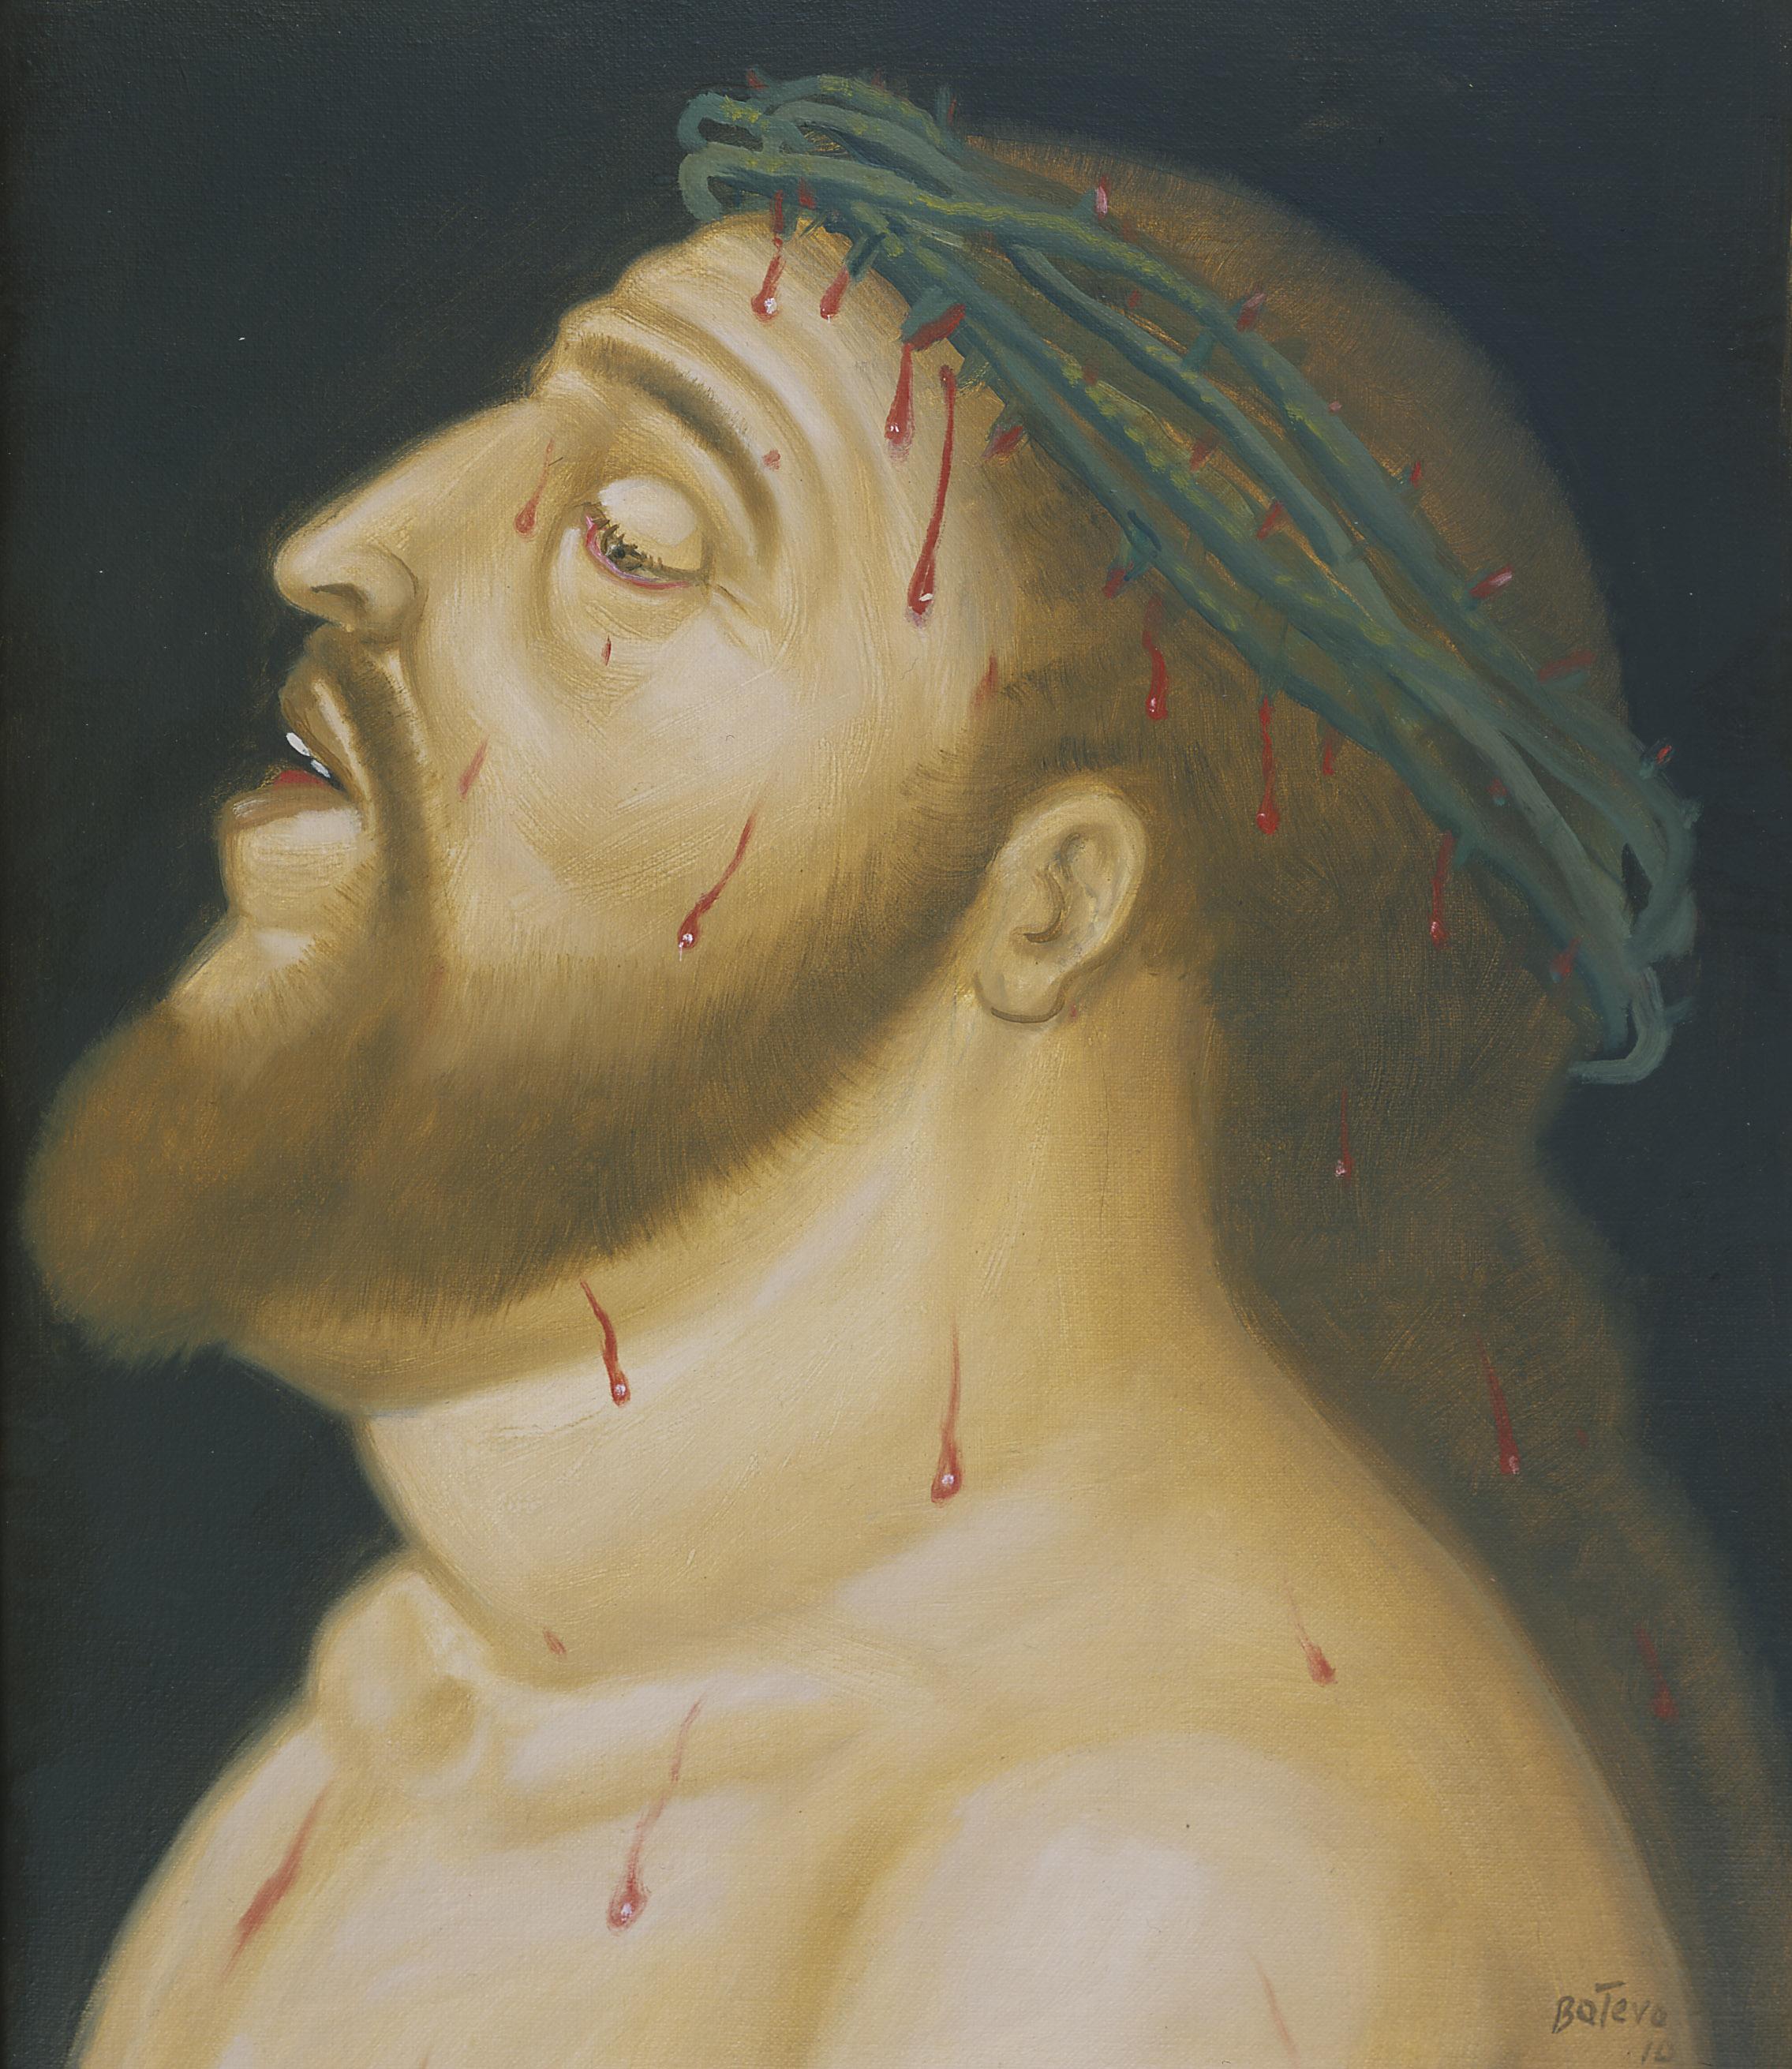 Cabeza de Cristo, 2010 Testa di Cristo / Head of Christ Olio su tela / Oil on canvas 45 x 108 cm Medellín, Museo de Antioquia